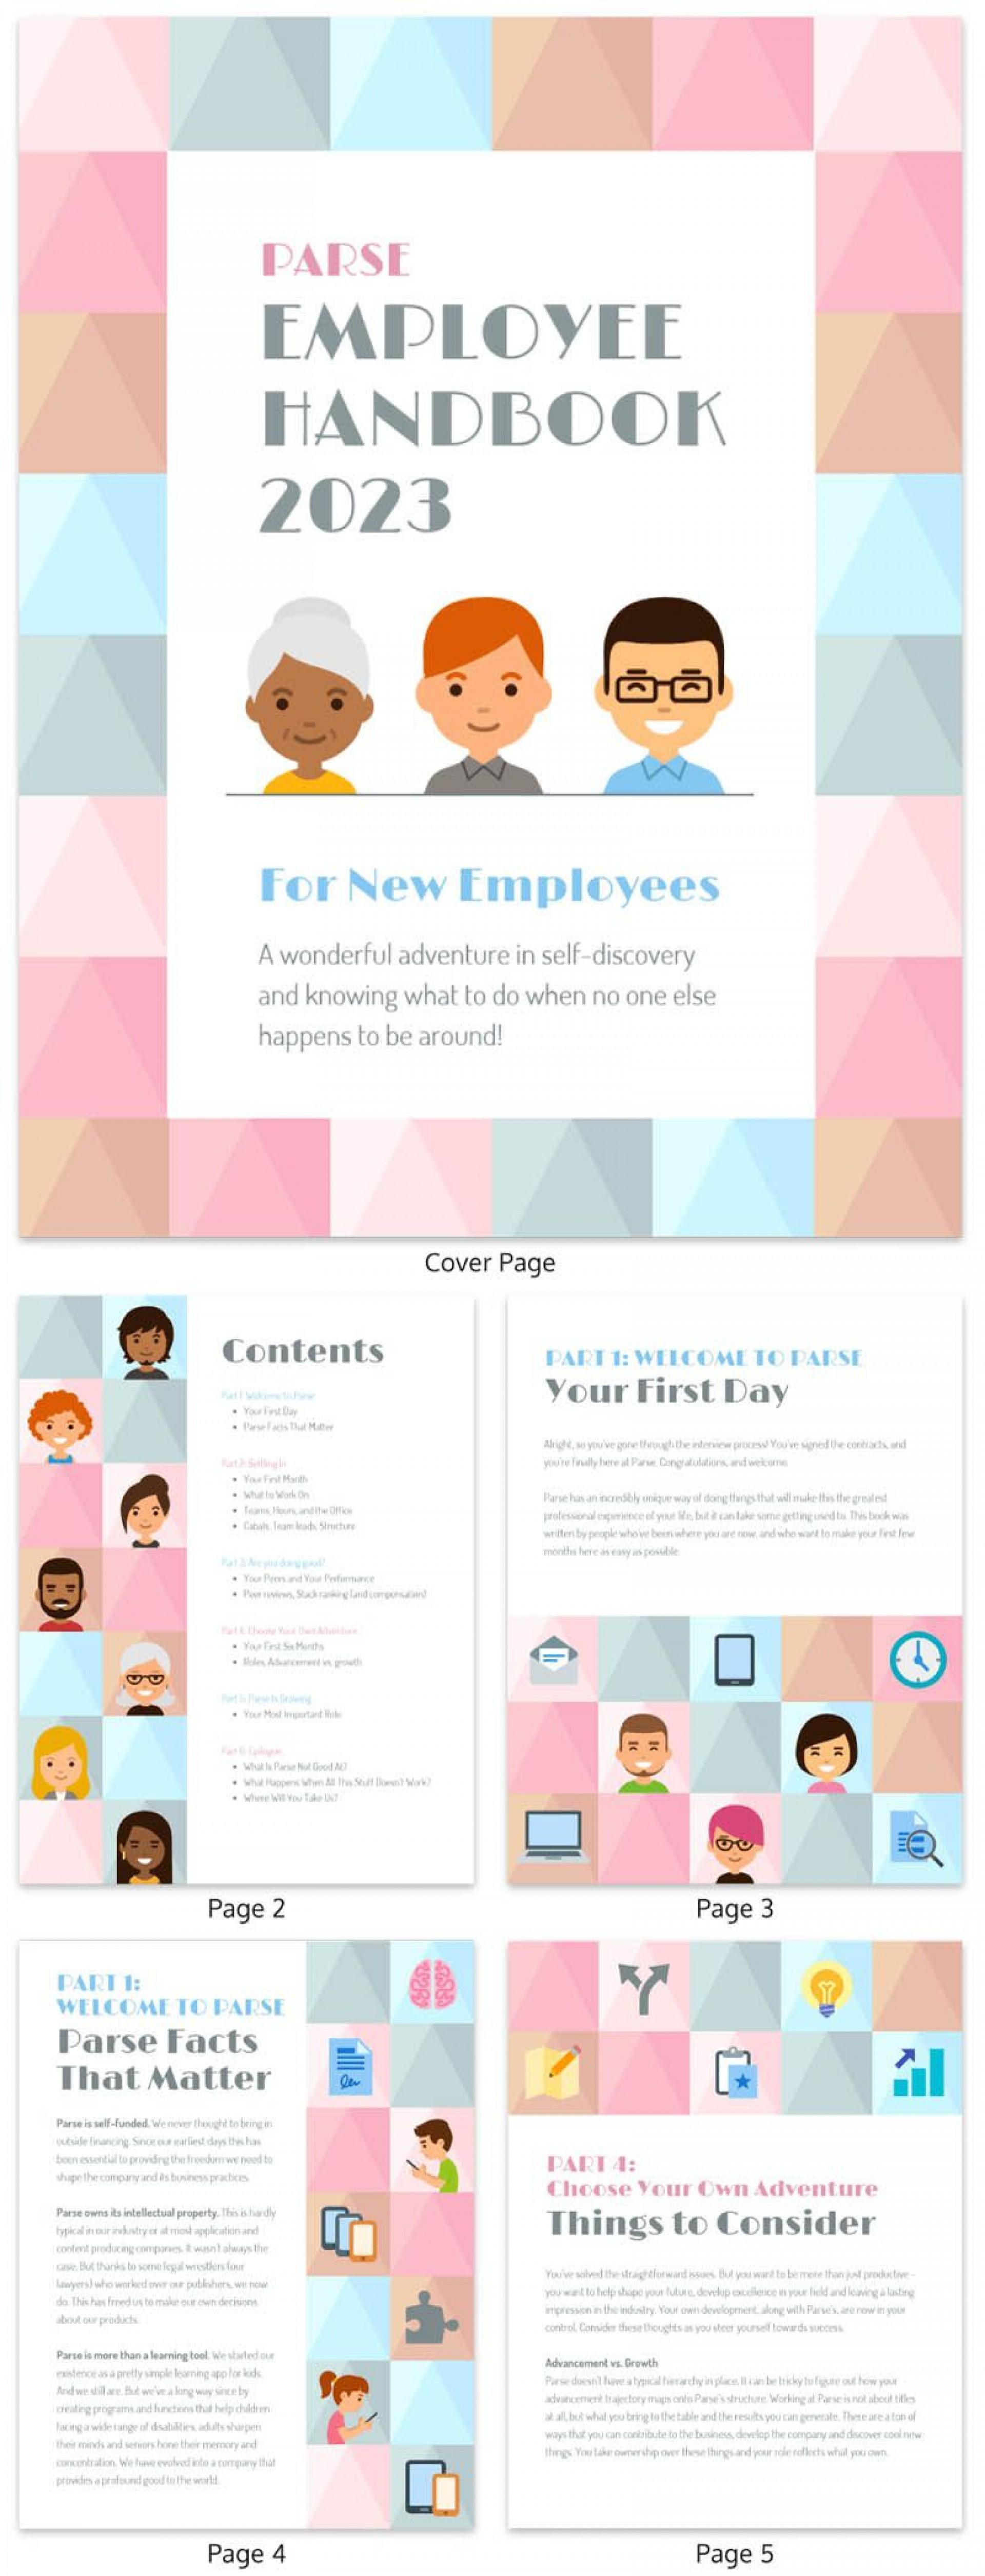 008 Striking Free Employment Handbook Template High Definition 1920